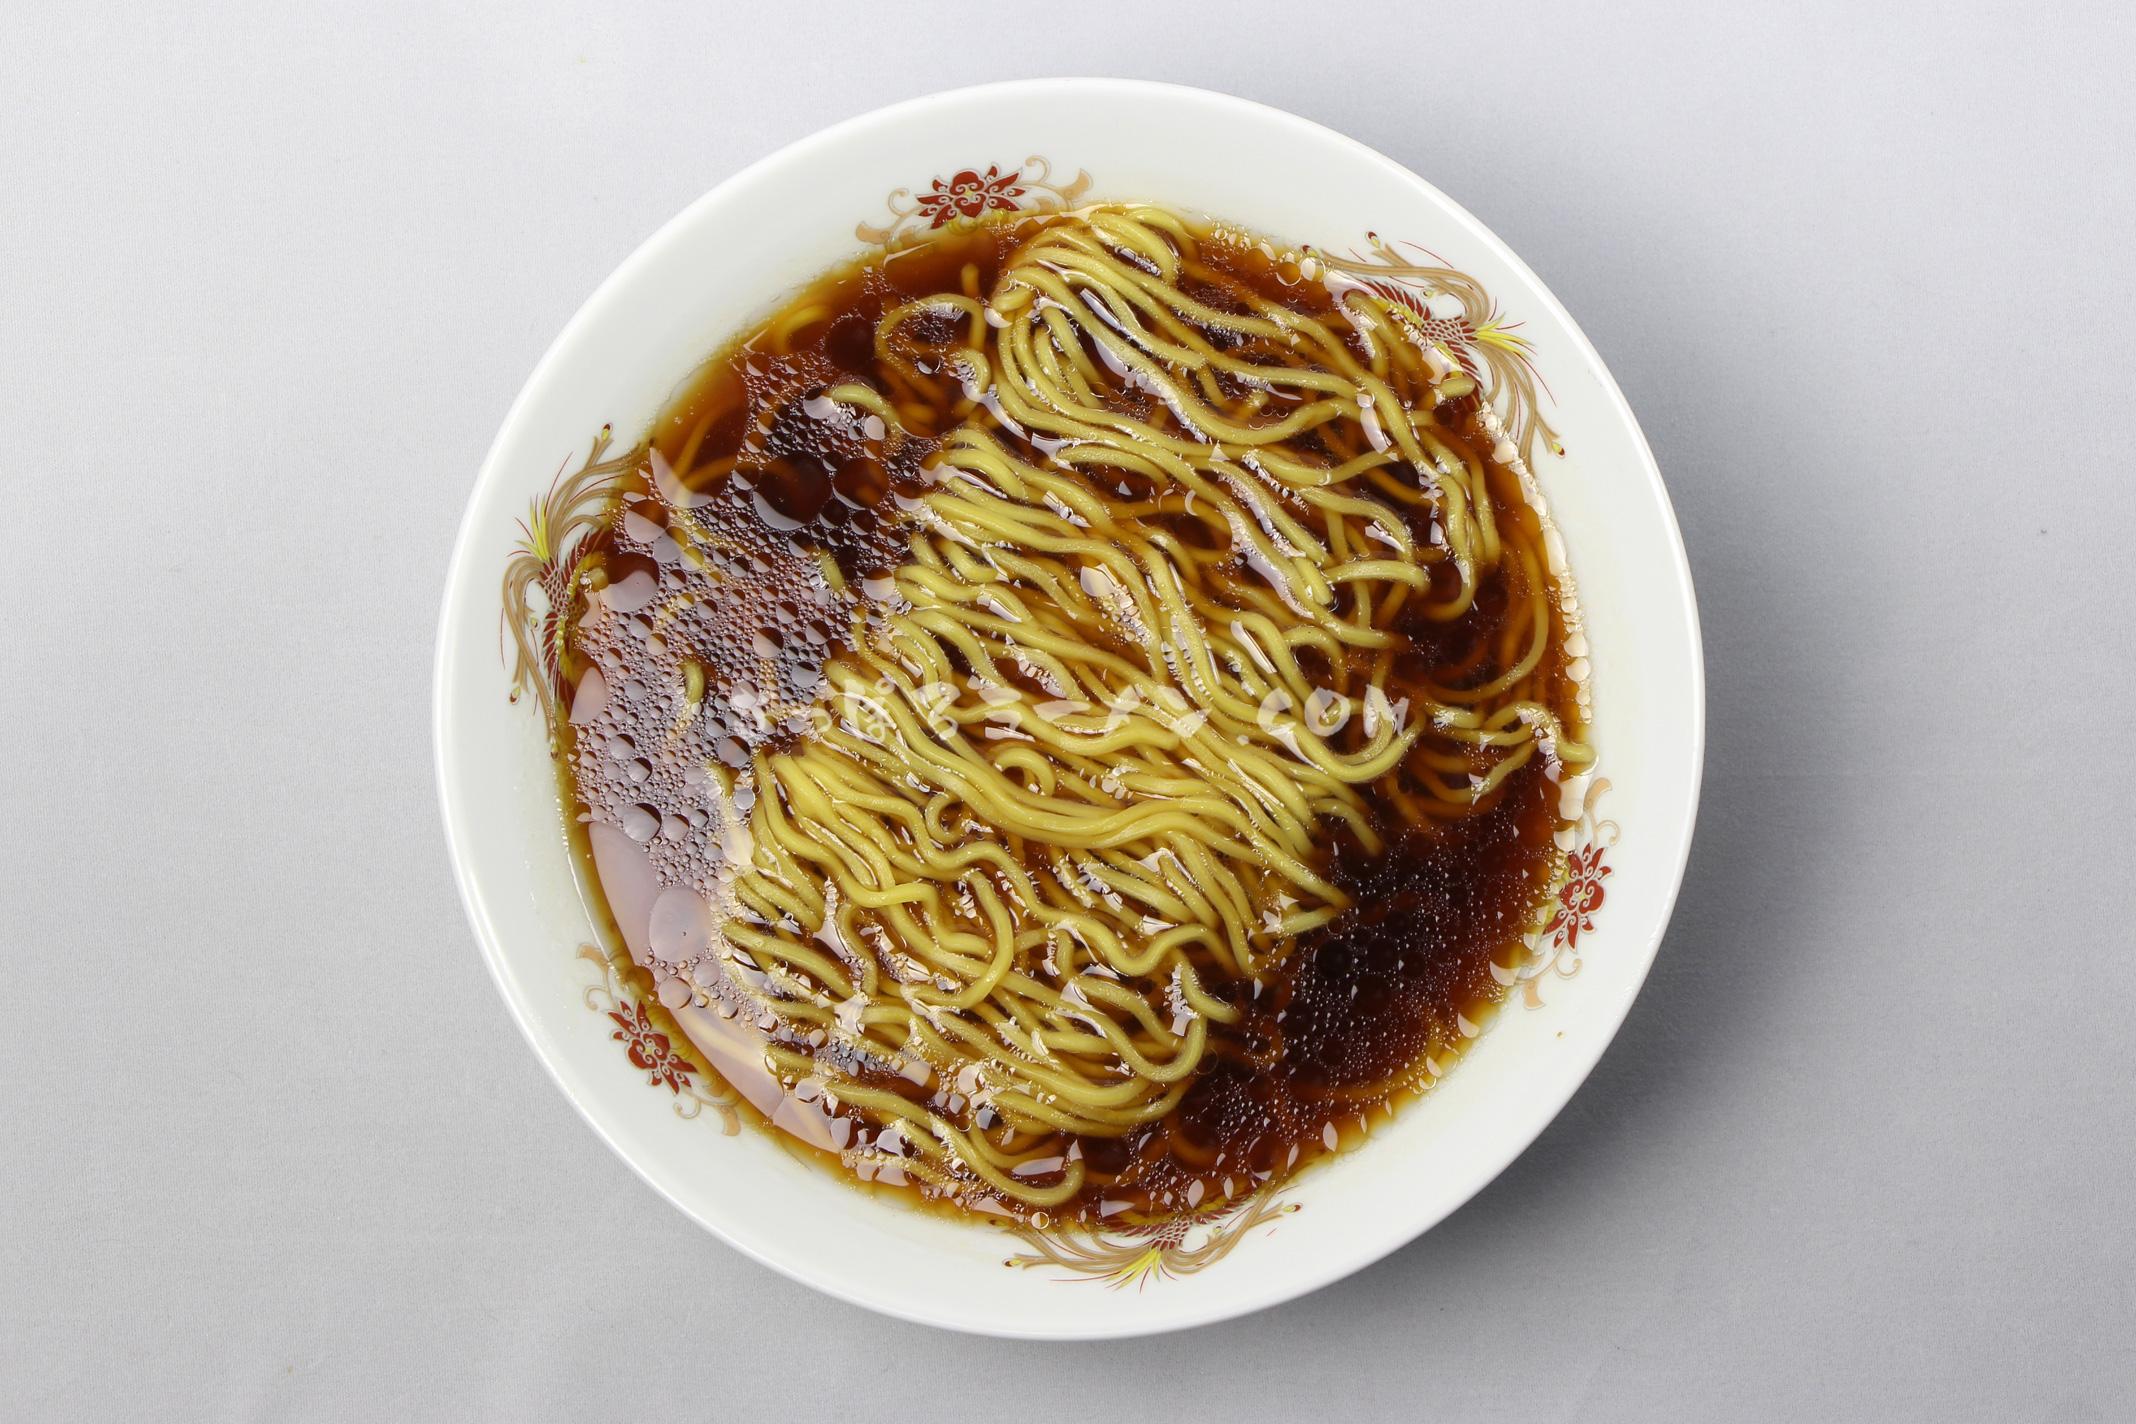 「江別小麦 寒干し 醬油味(1人前)」(菊水)の完成画像